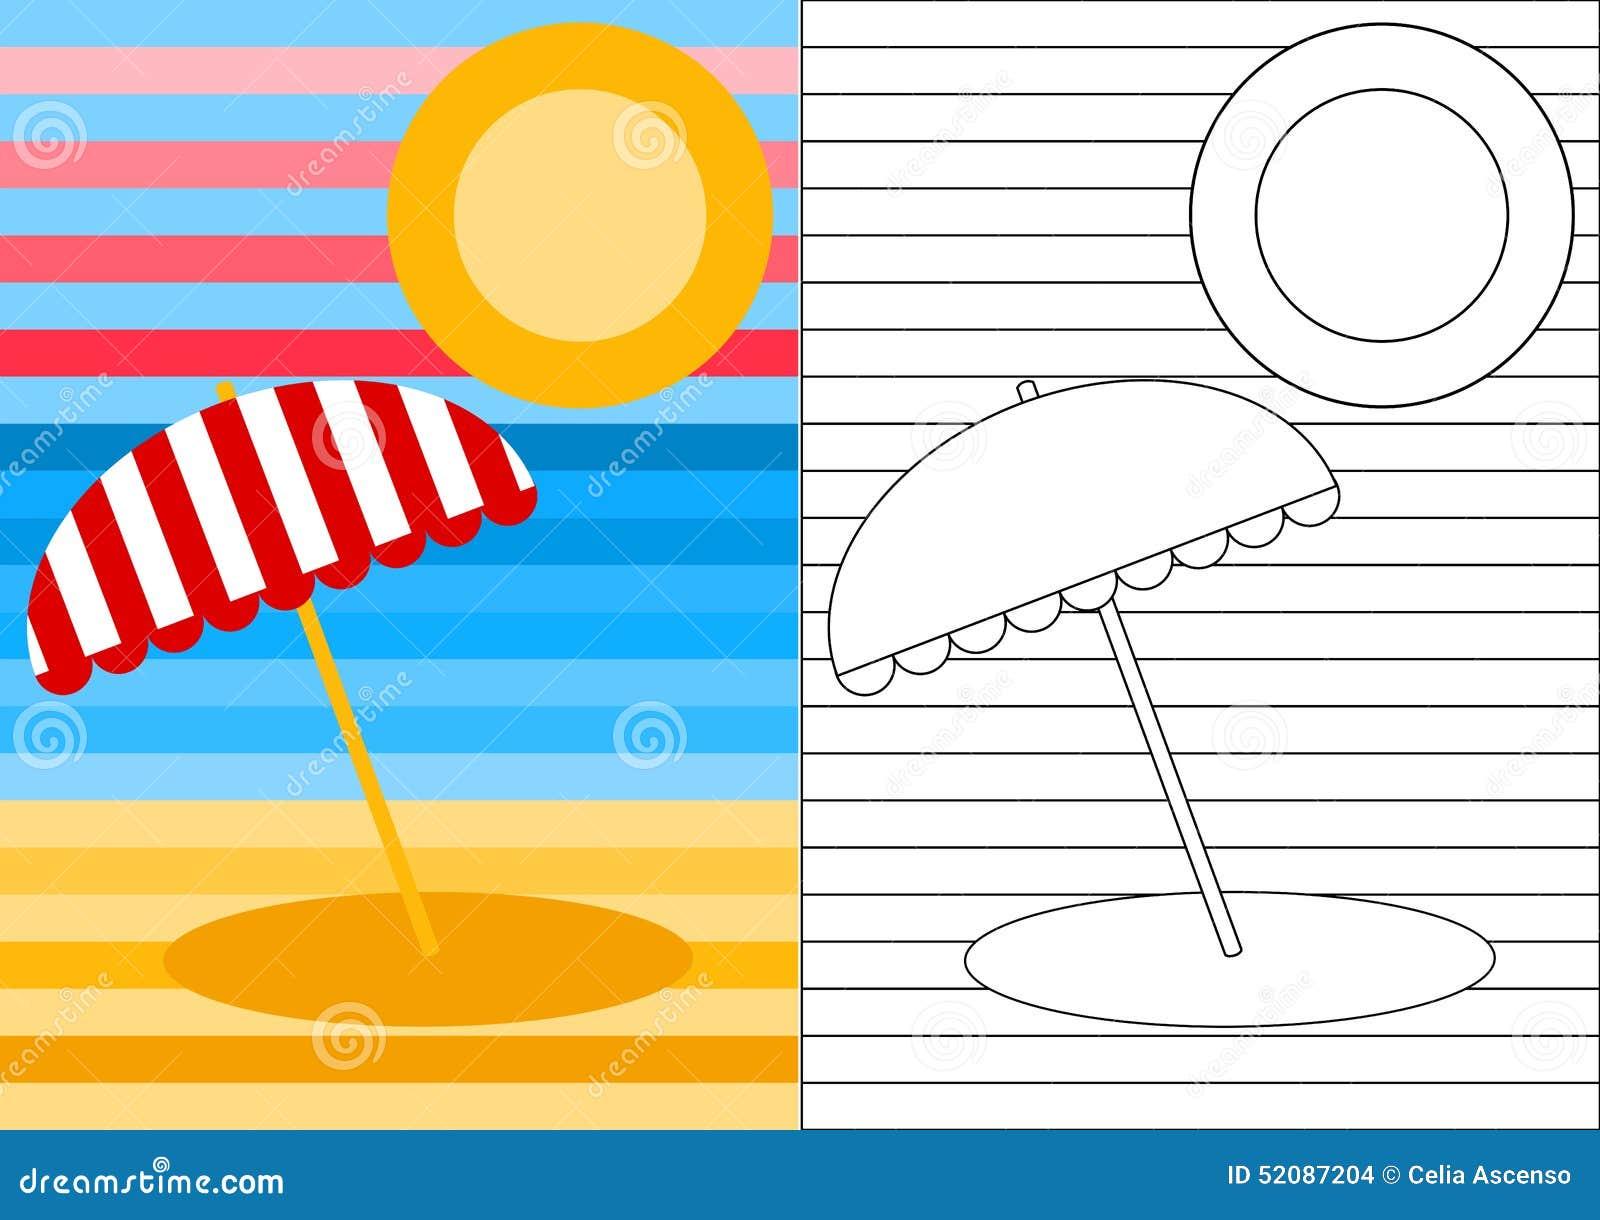 color activity page beach landscape stock images